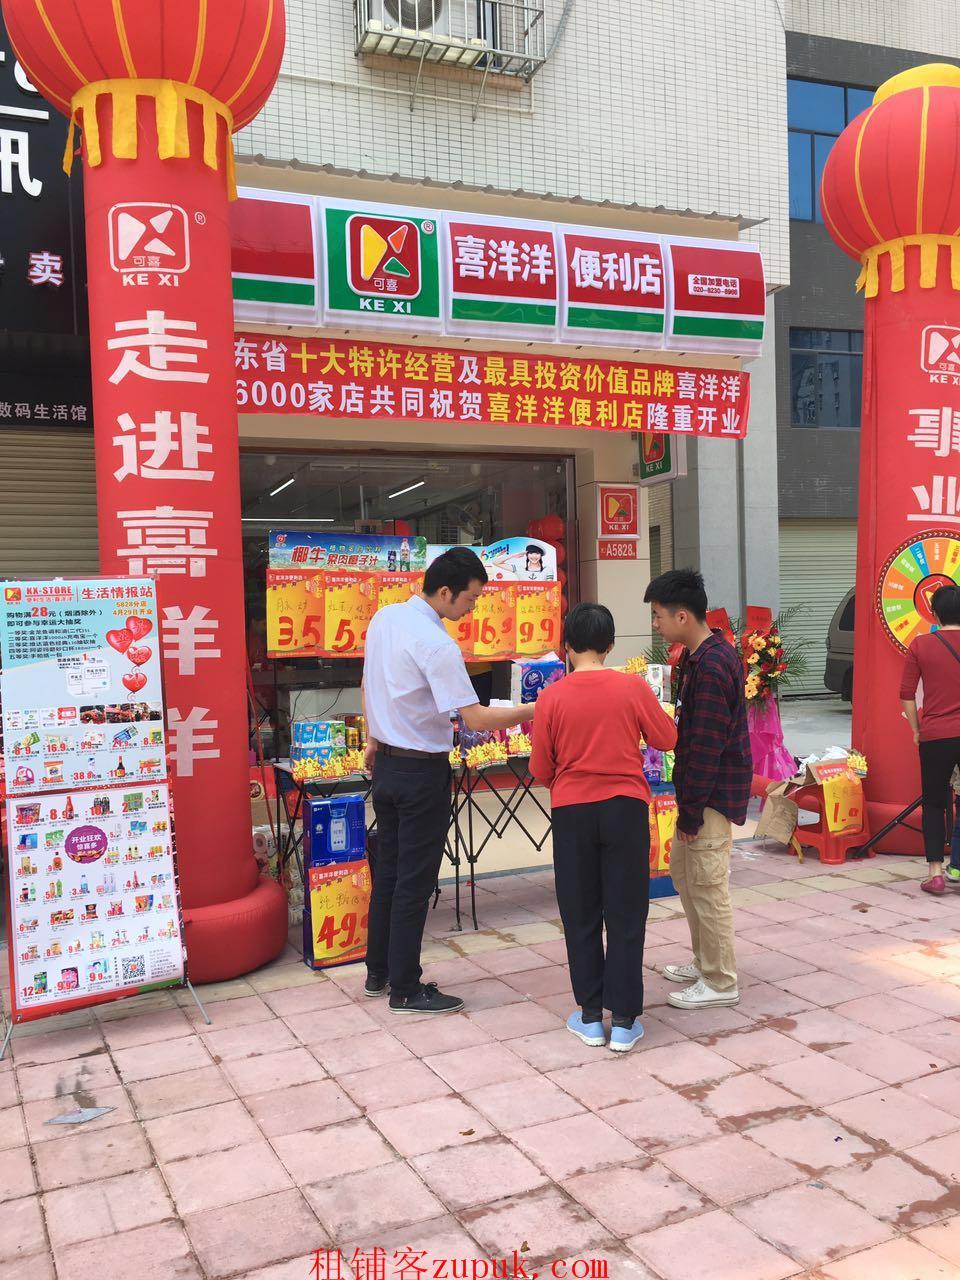 夏天来了便利店生意更好!商业街小区固定流动消费群体